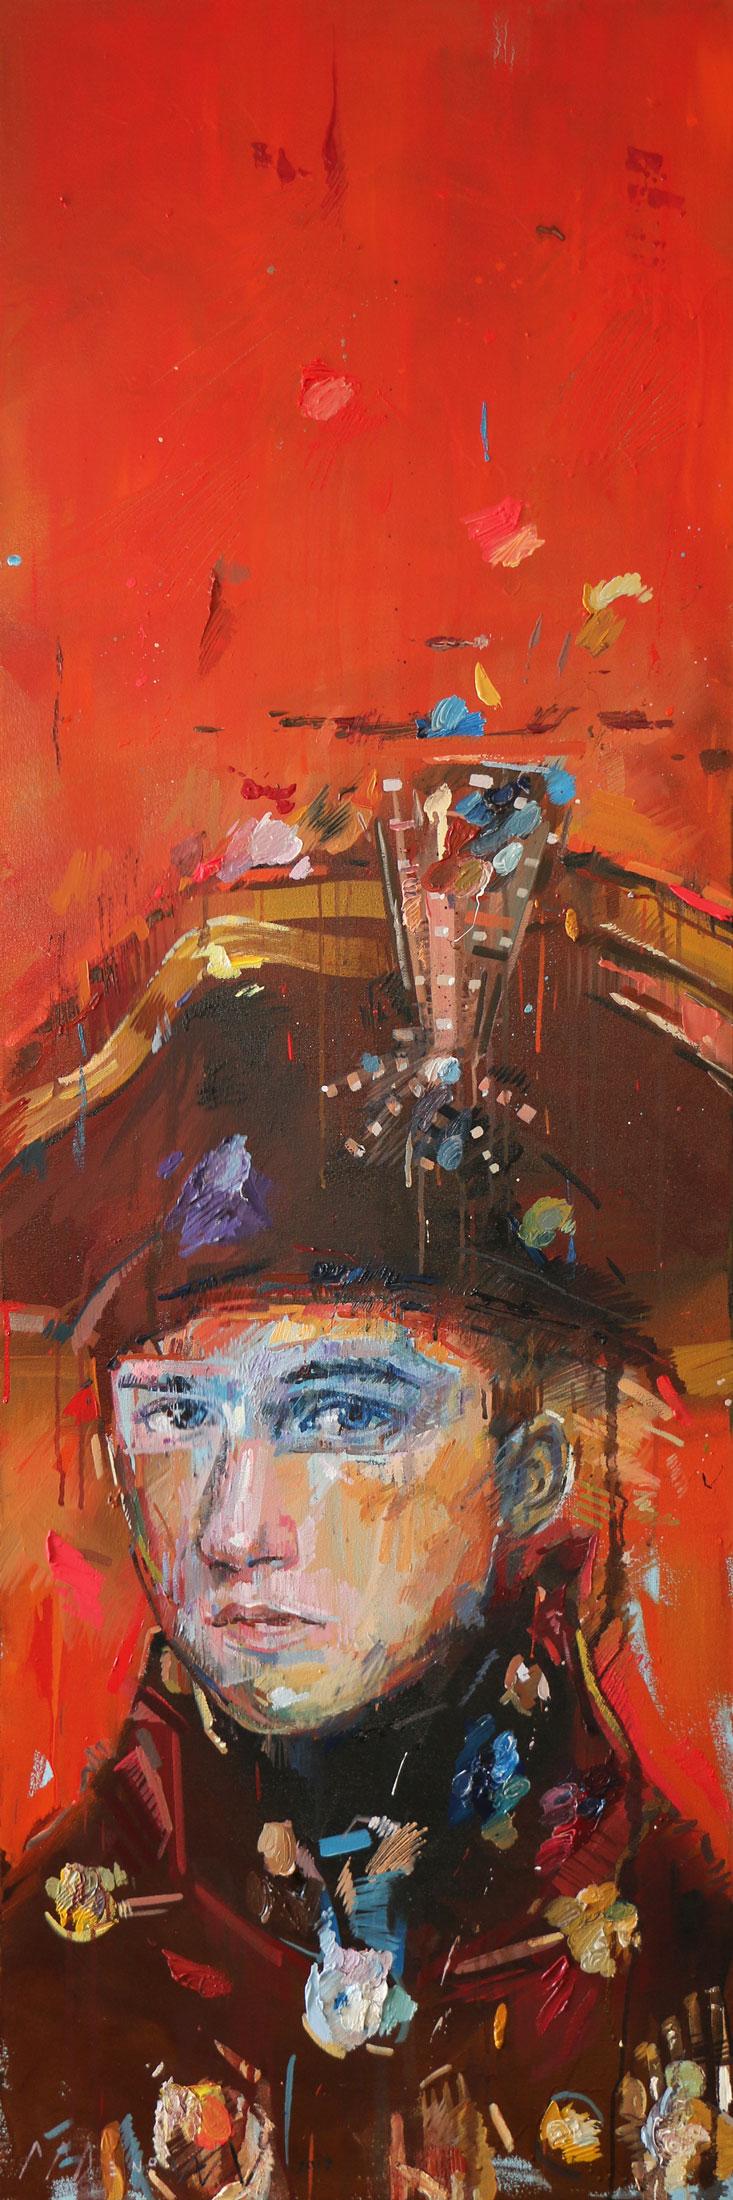 Execution (Michelangelo Scott) .Oil on canvas. 180cm x 60cm.